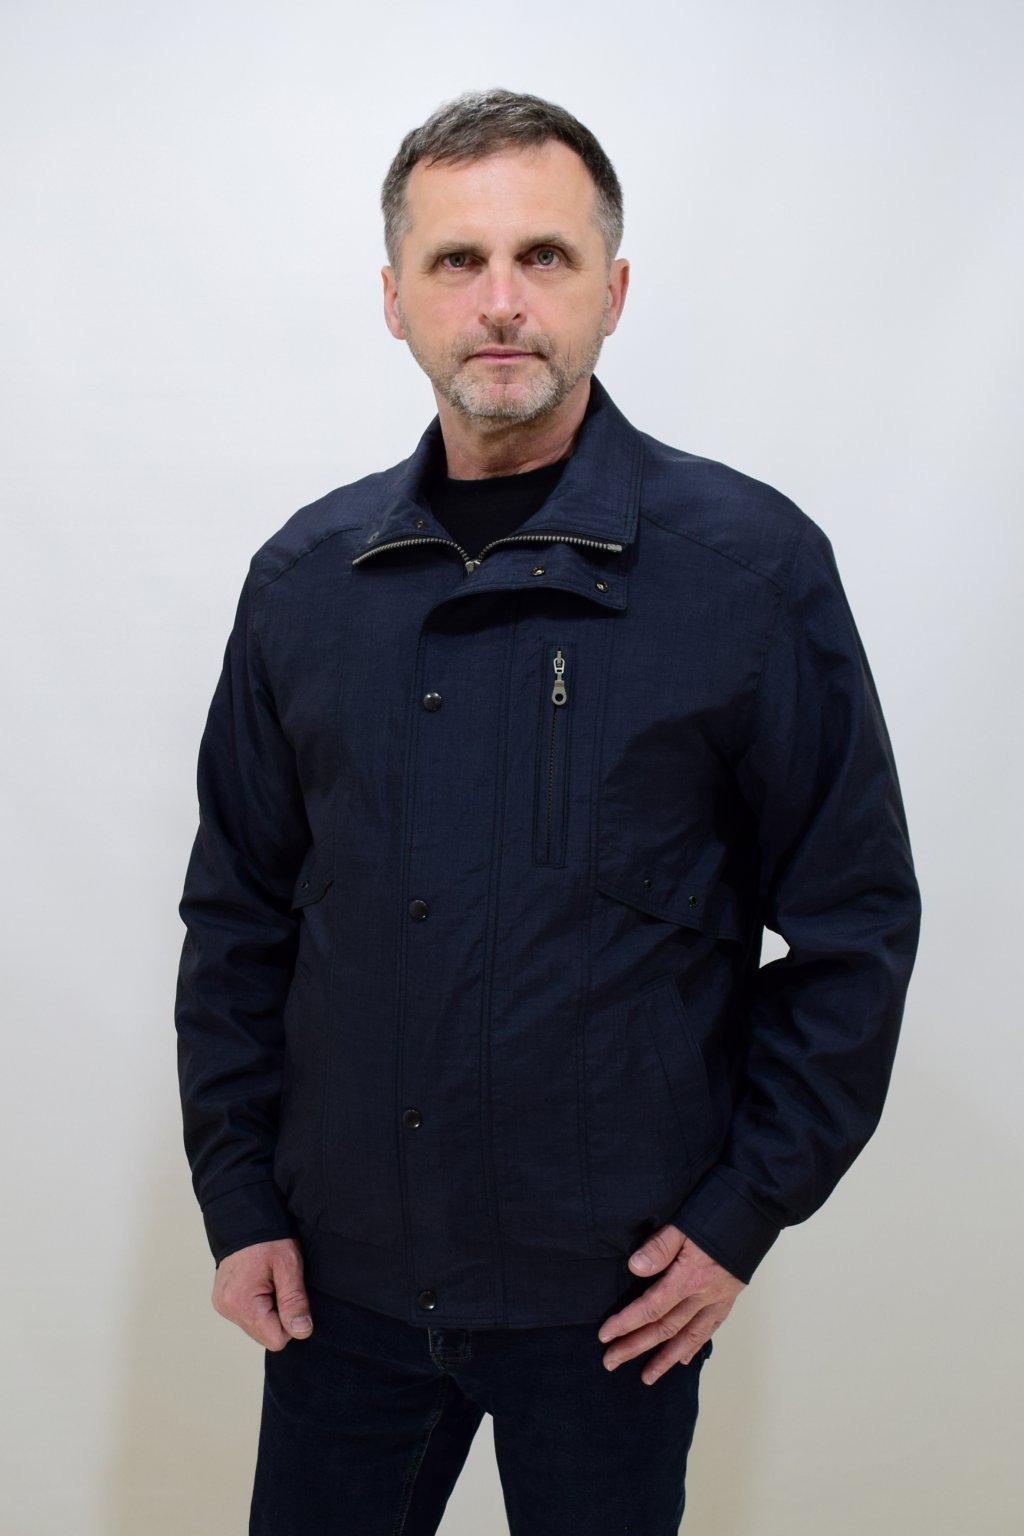 Pánská jarní tmavě šedá bunda Tony nadměrné velikosti.